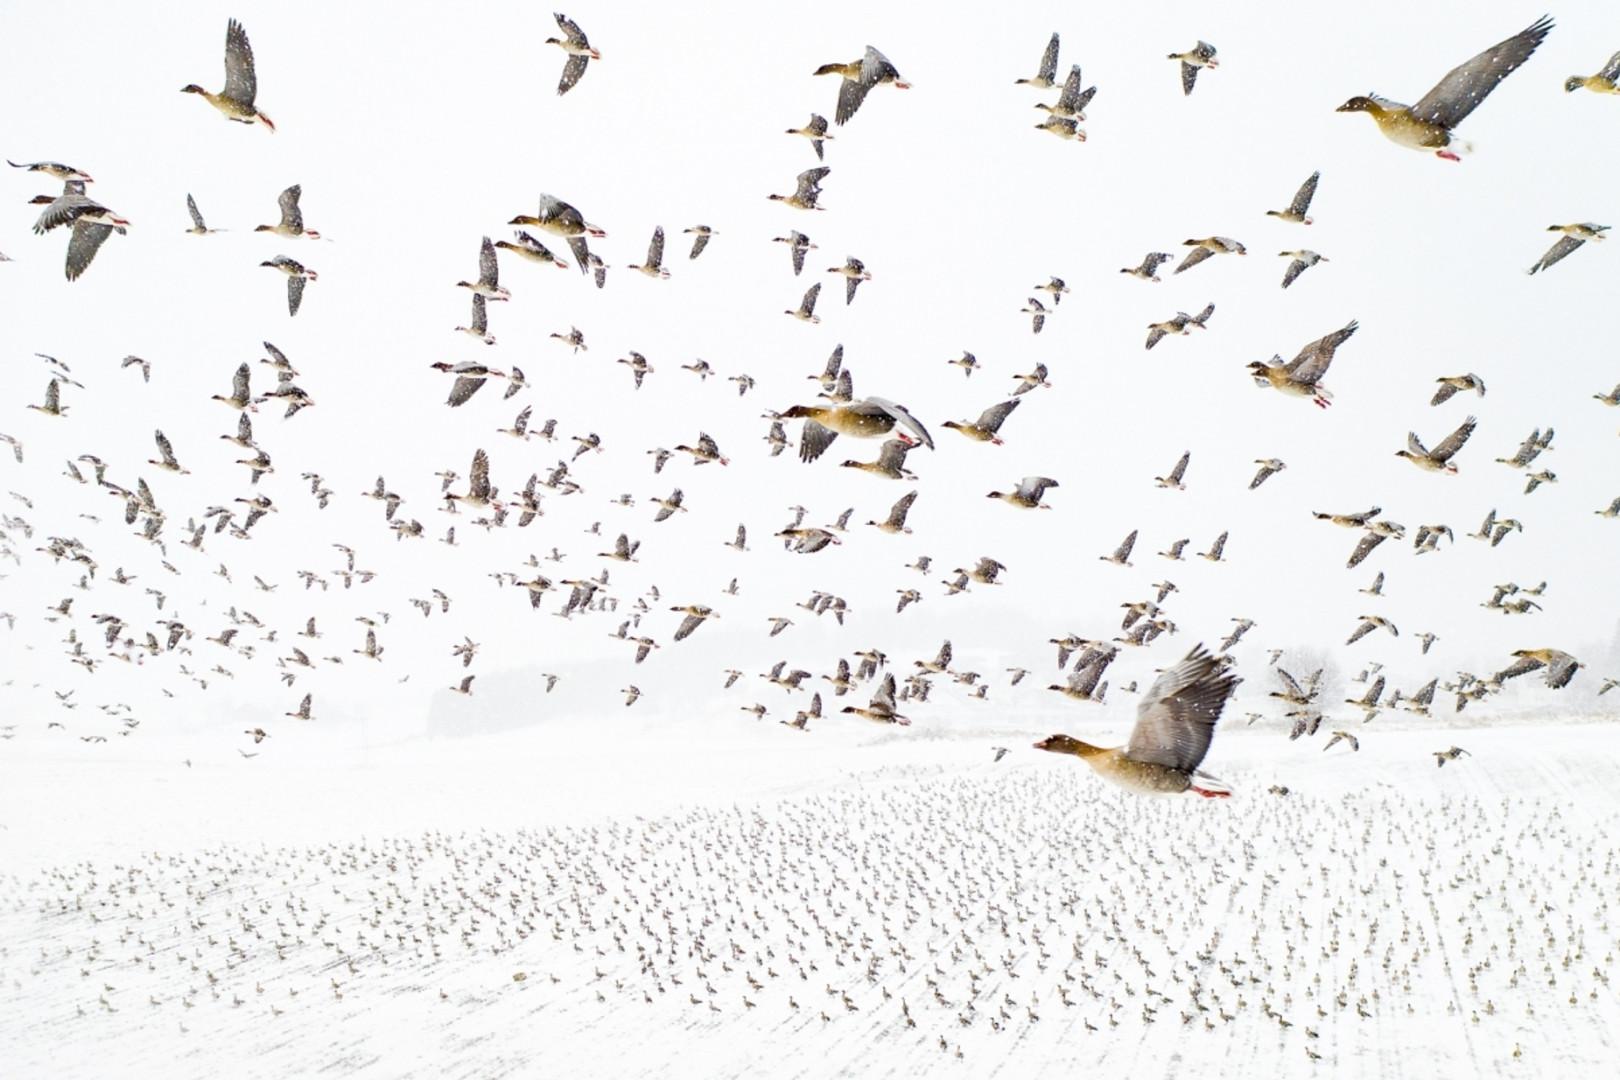 Oies à pieds roses à la rencontre de l'hiver, photo consacrée aux Drone Awards